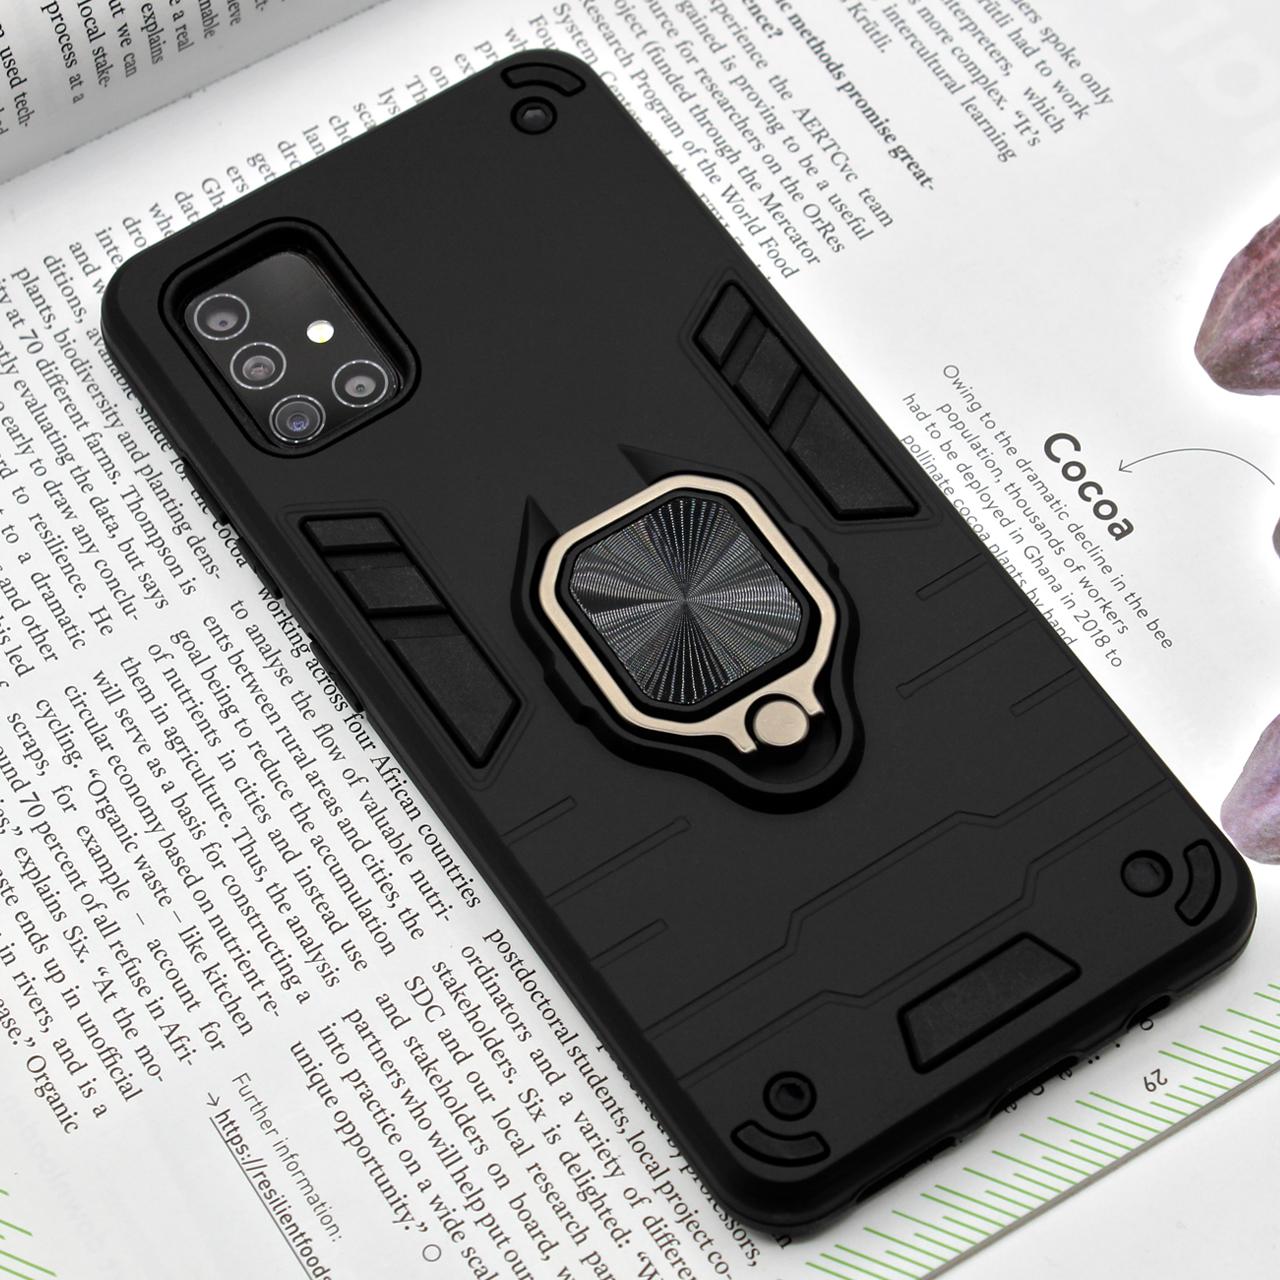 کاور کینگ پاور مدل ASH22 مناسب برای گوشی موبایل سامسونگ Galaxy A51 main 1 4